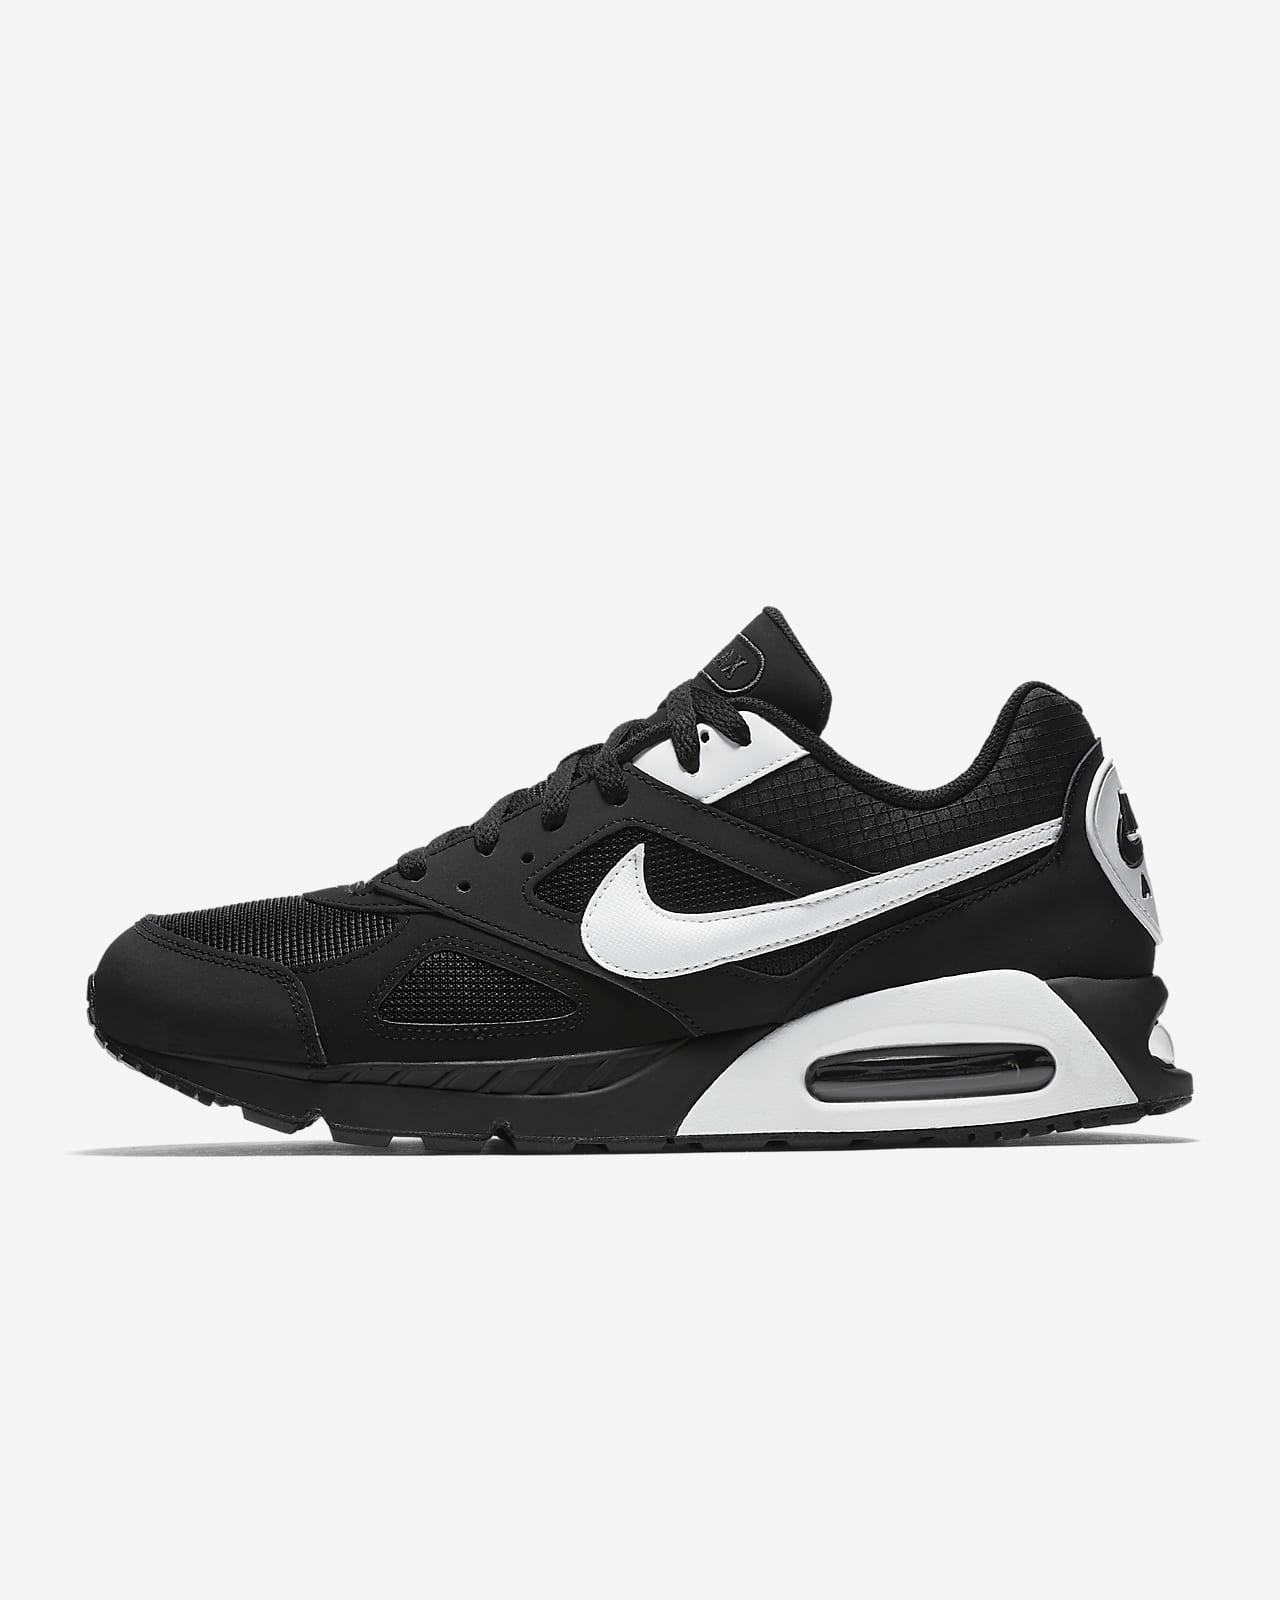 Nike Air Max IVO Men's Shoe